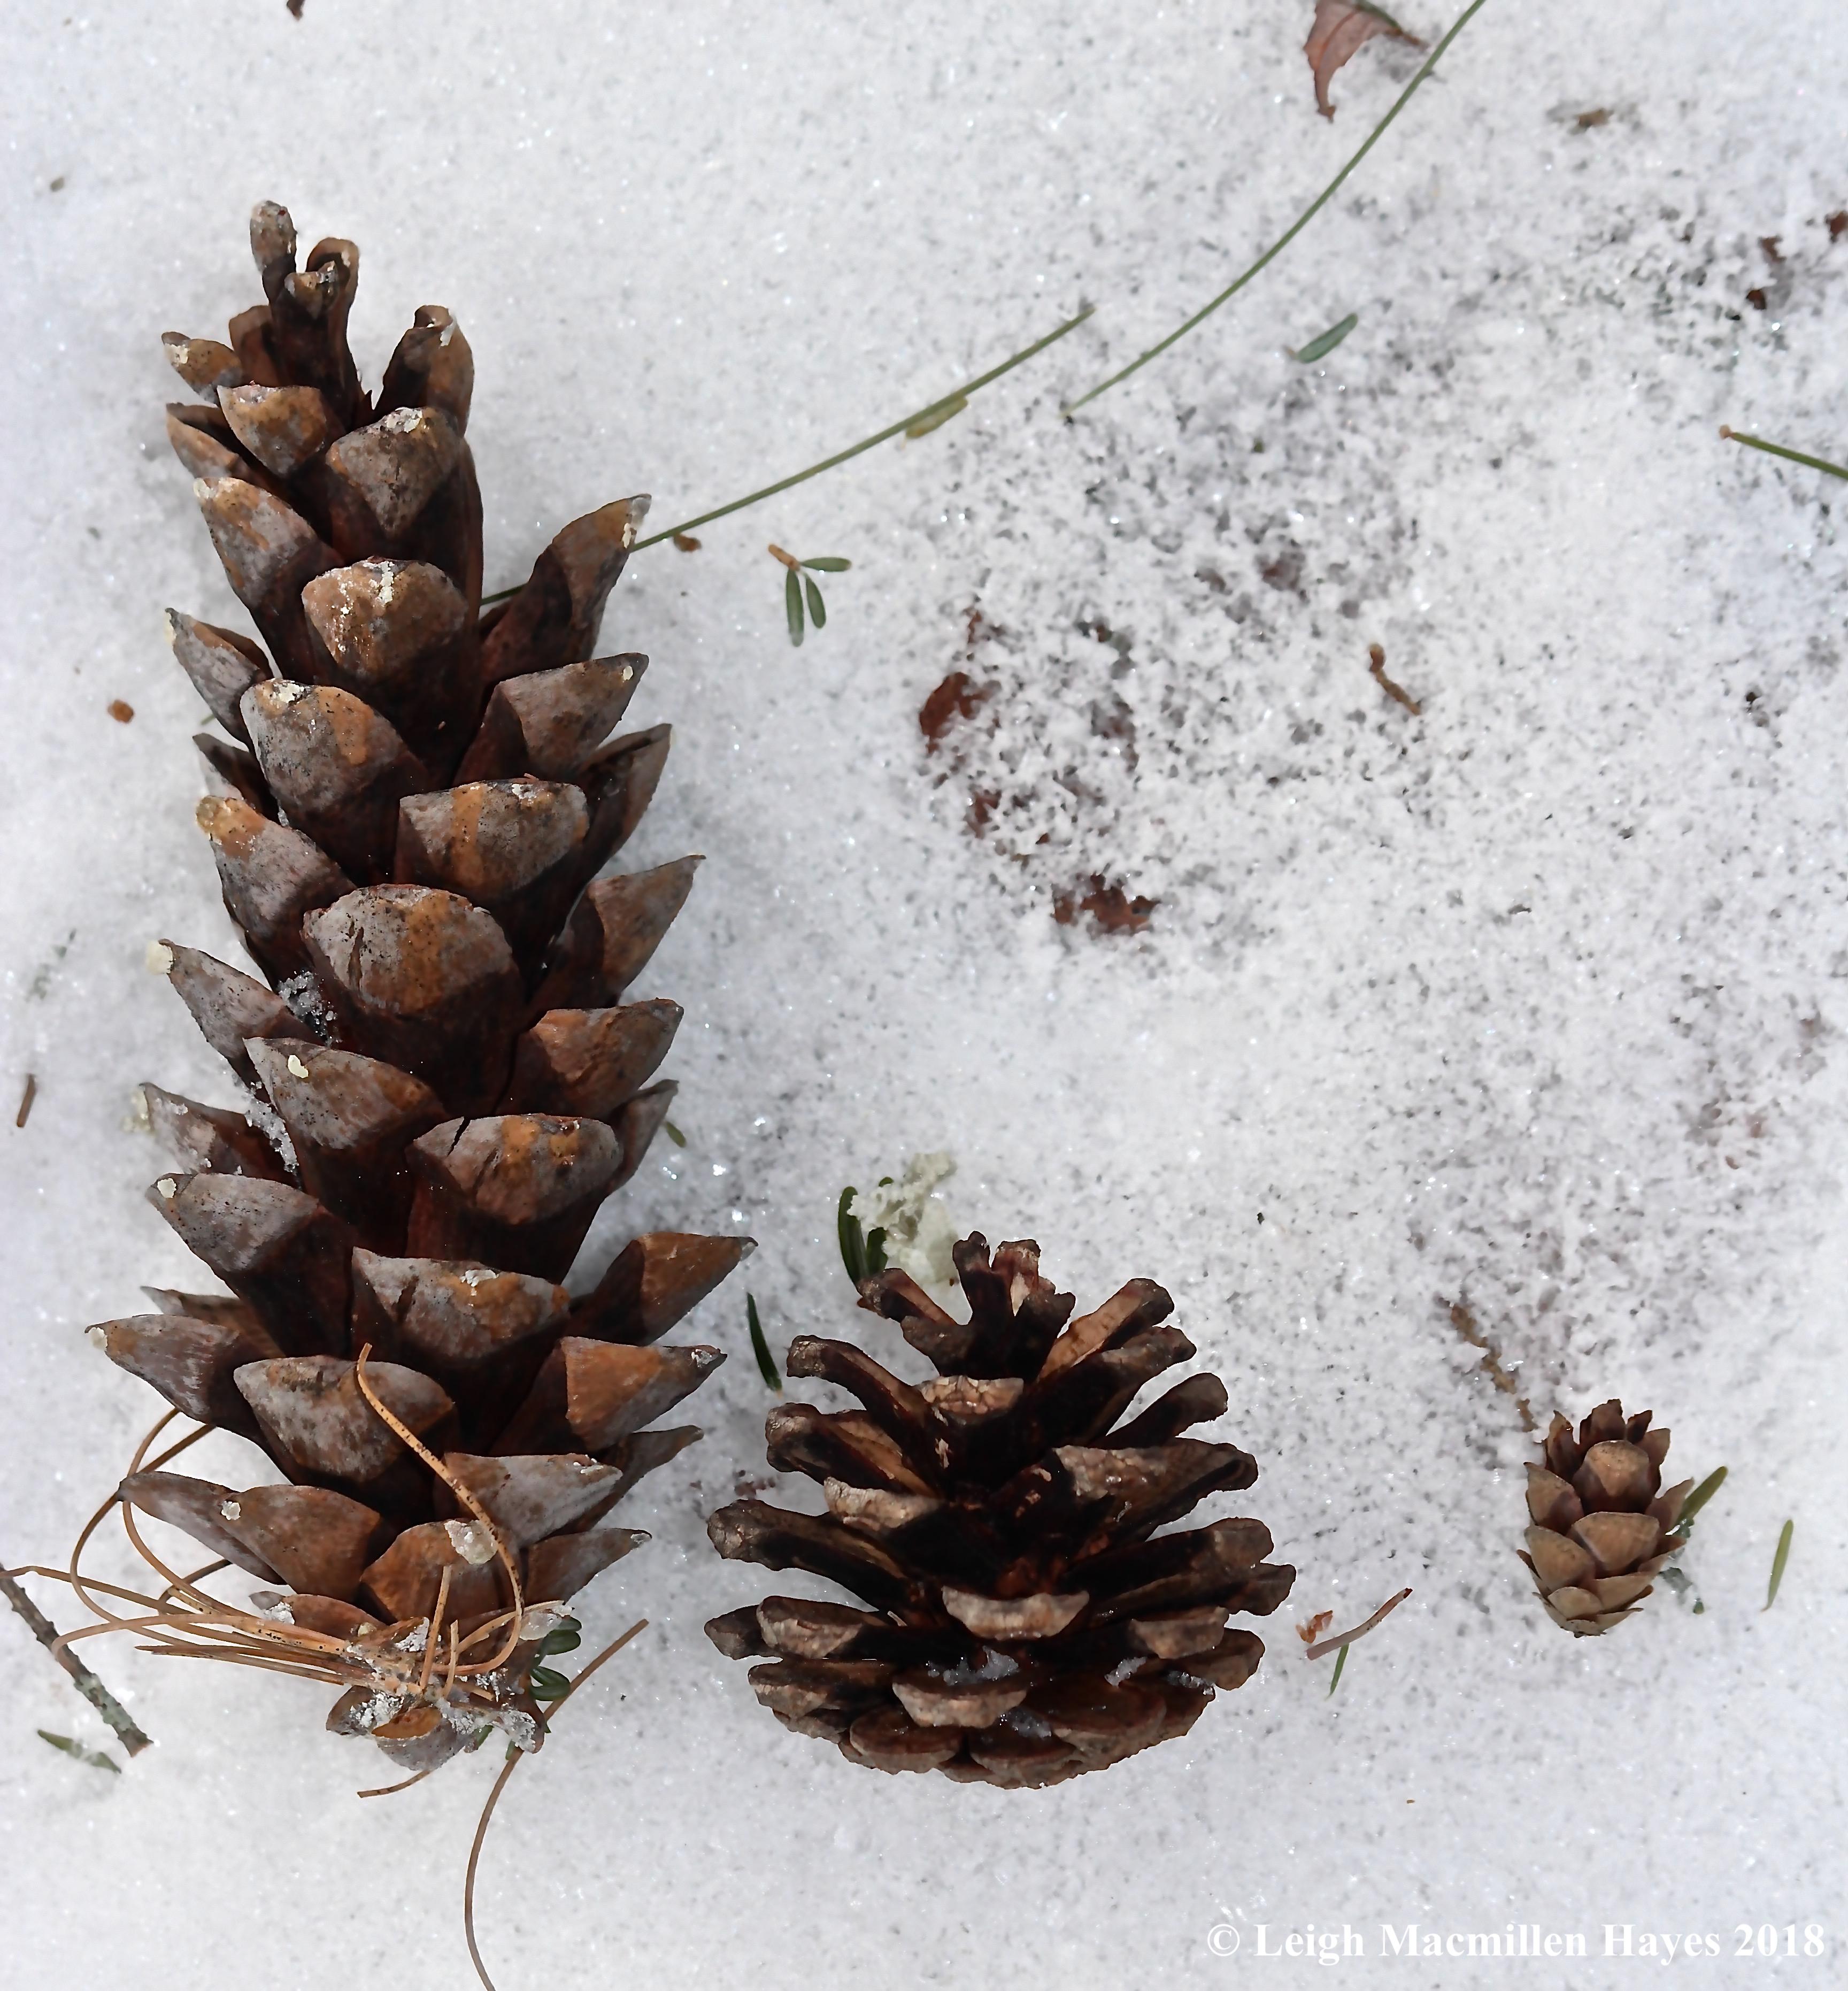 e-white pine cone, red pine cone, hemlock cone